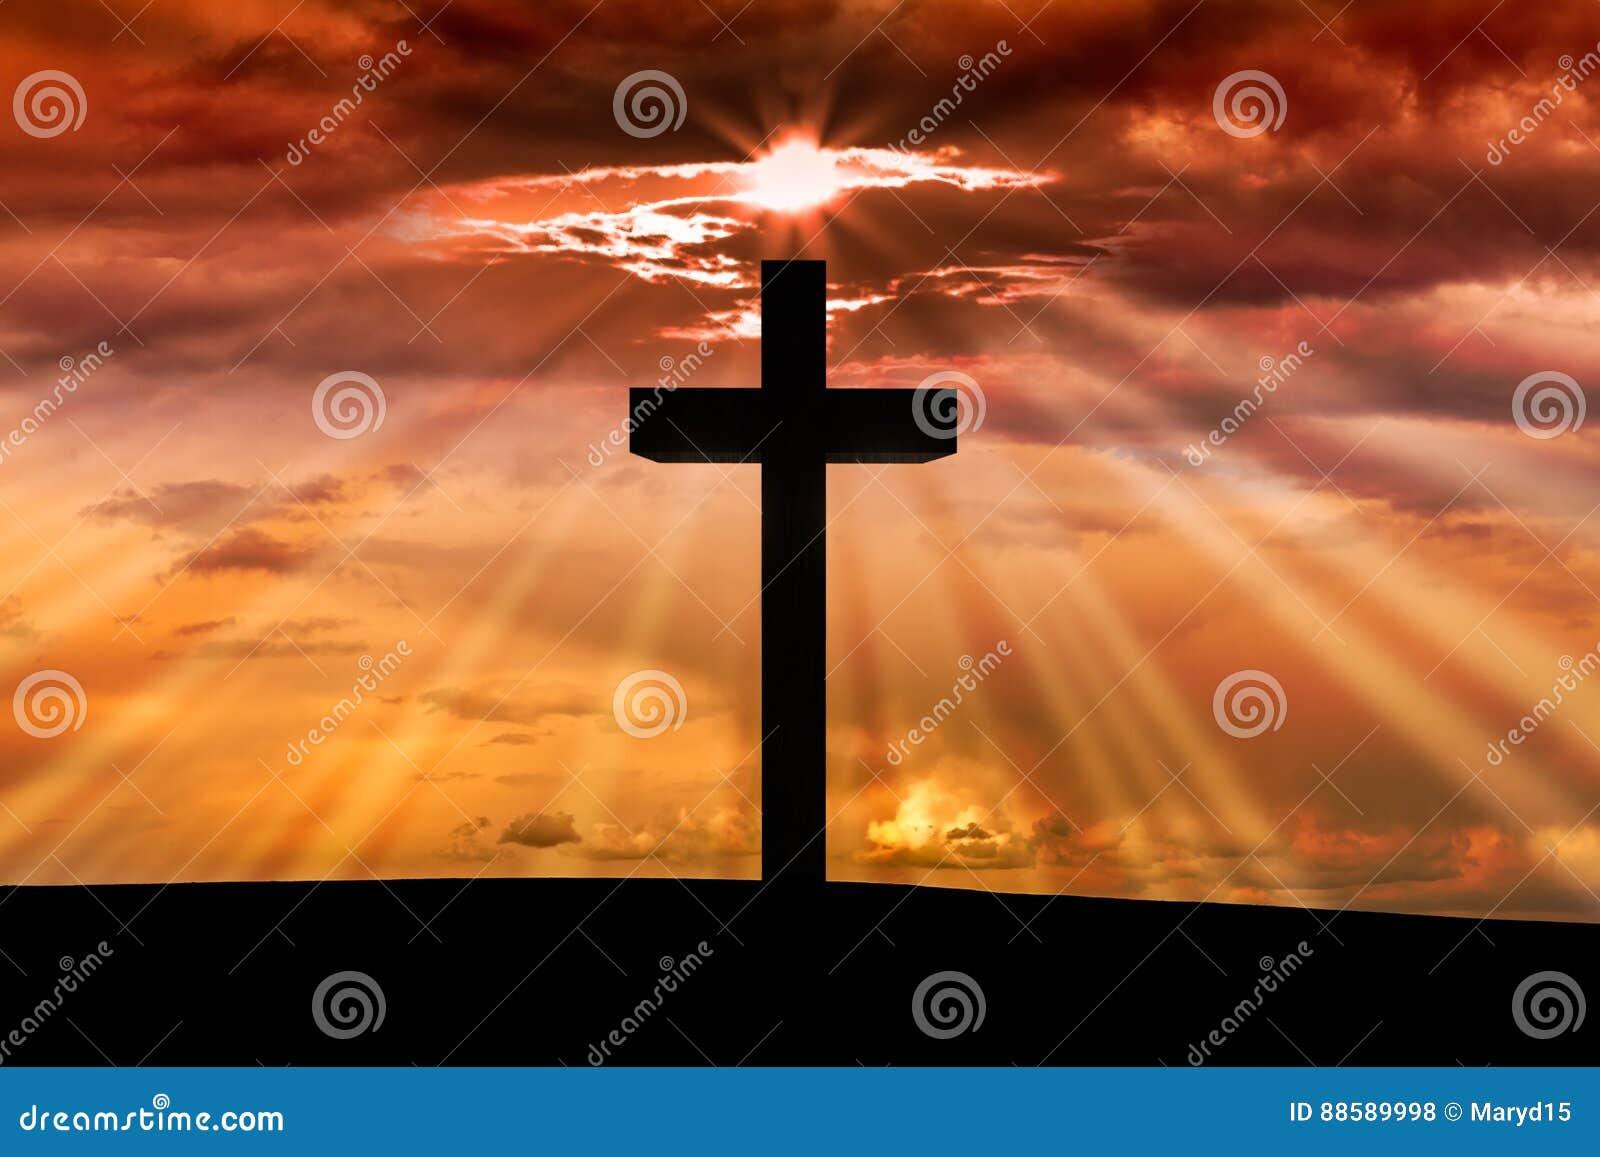 Hölzernes Kreuz Jesus Christs auf einer Szene mit dunkelrotem orange Sonnenuntergang,